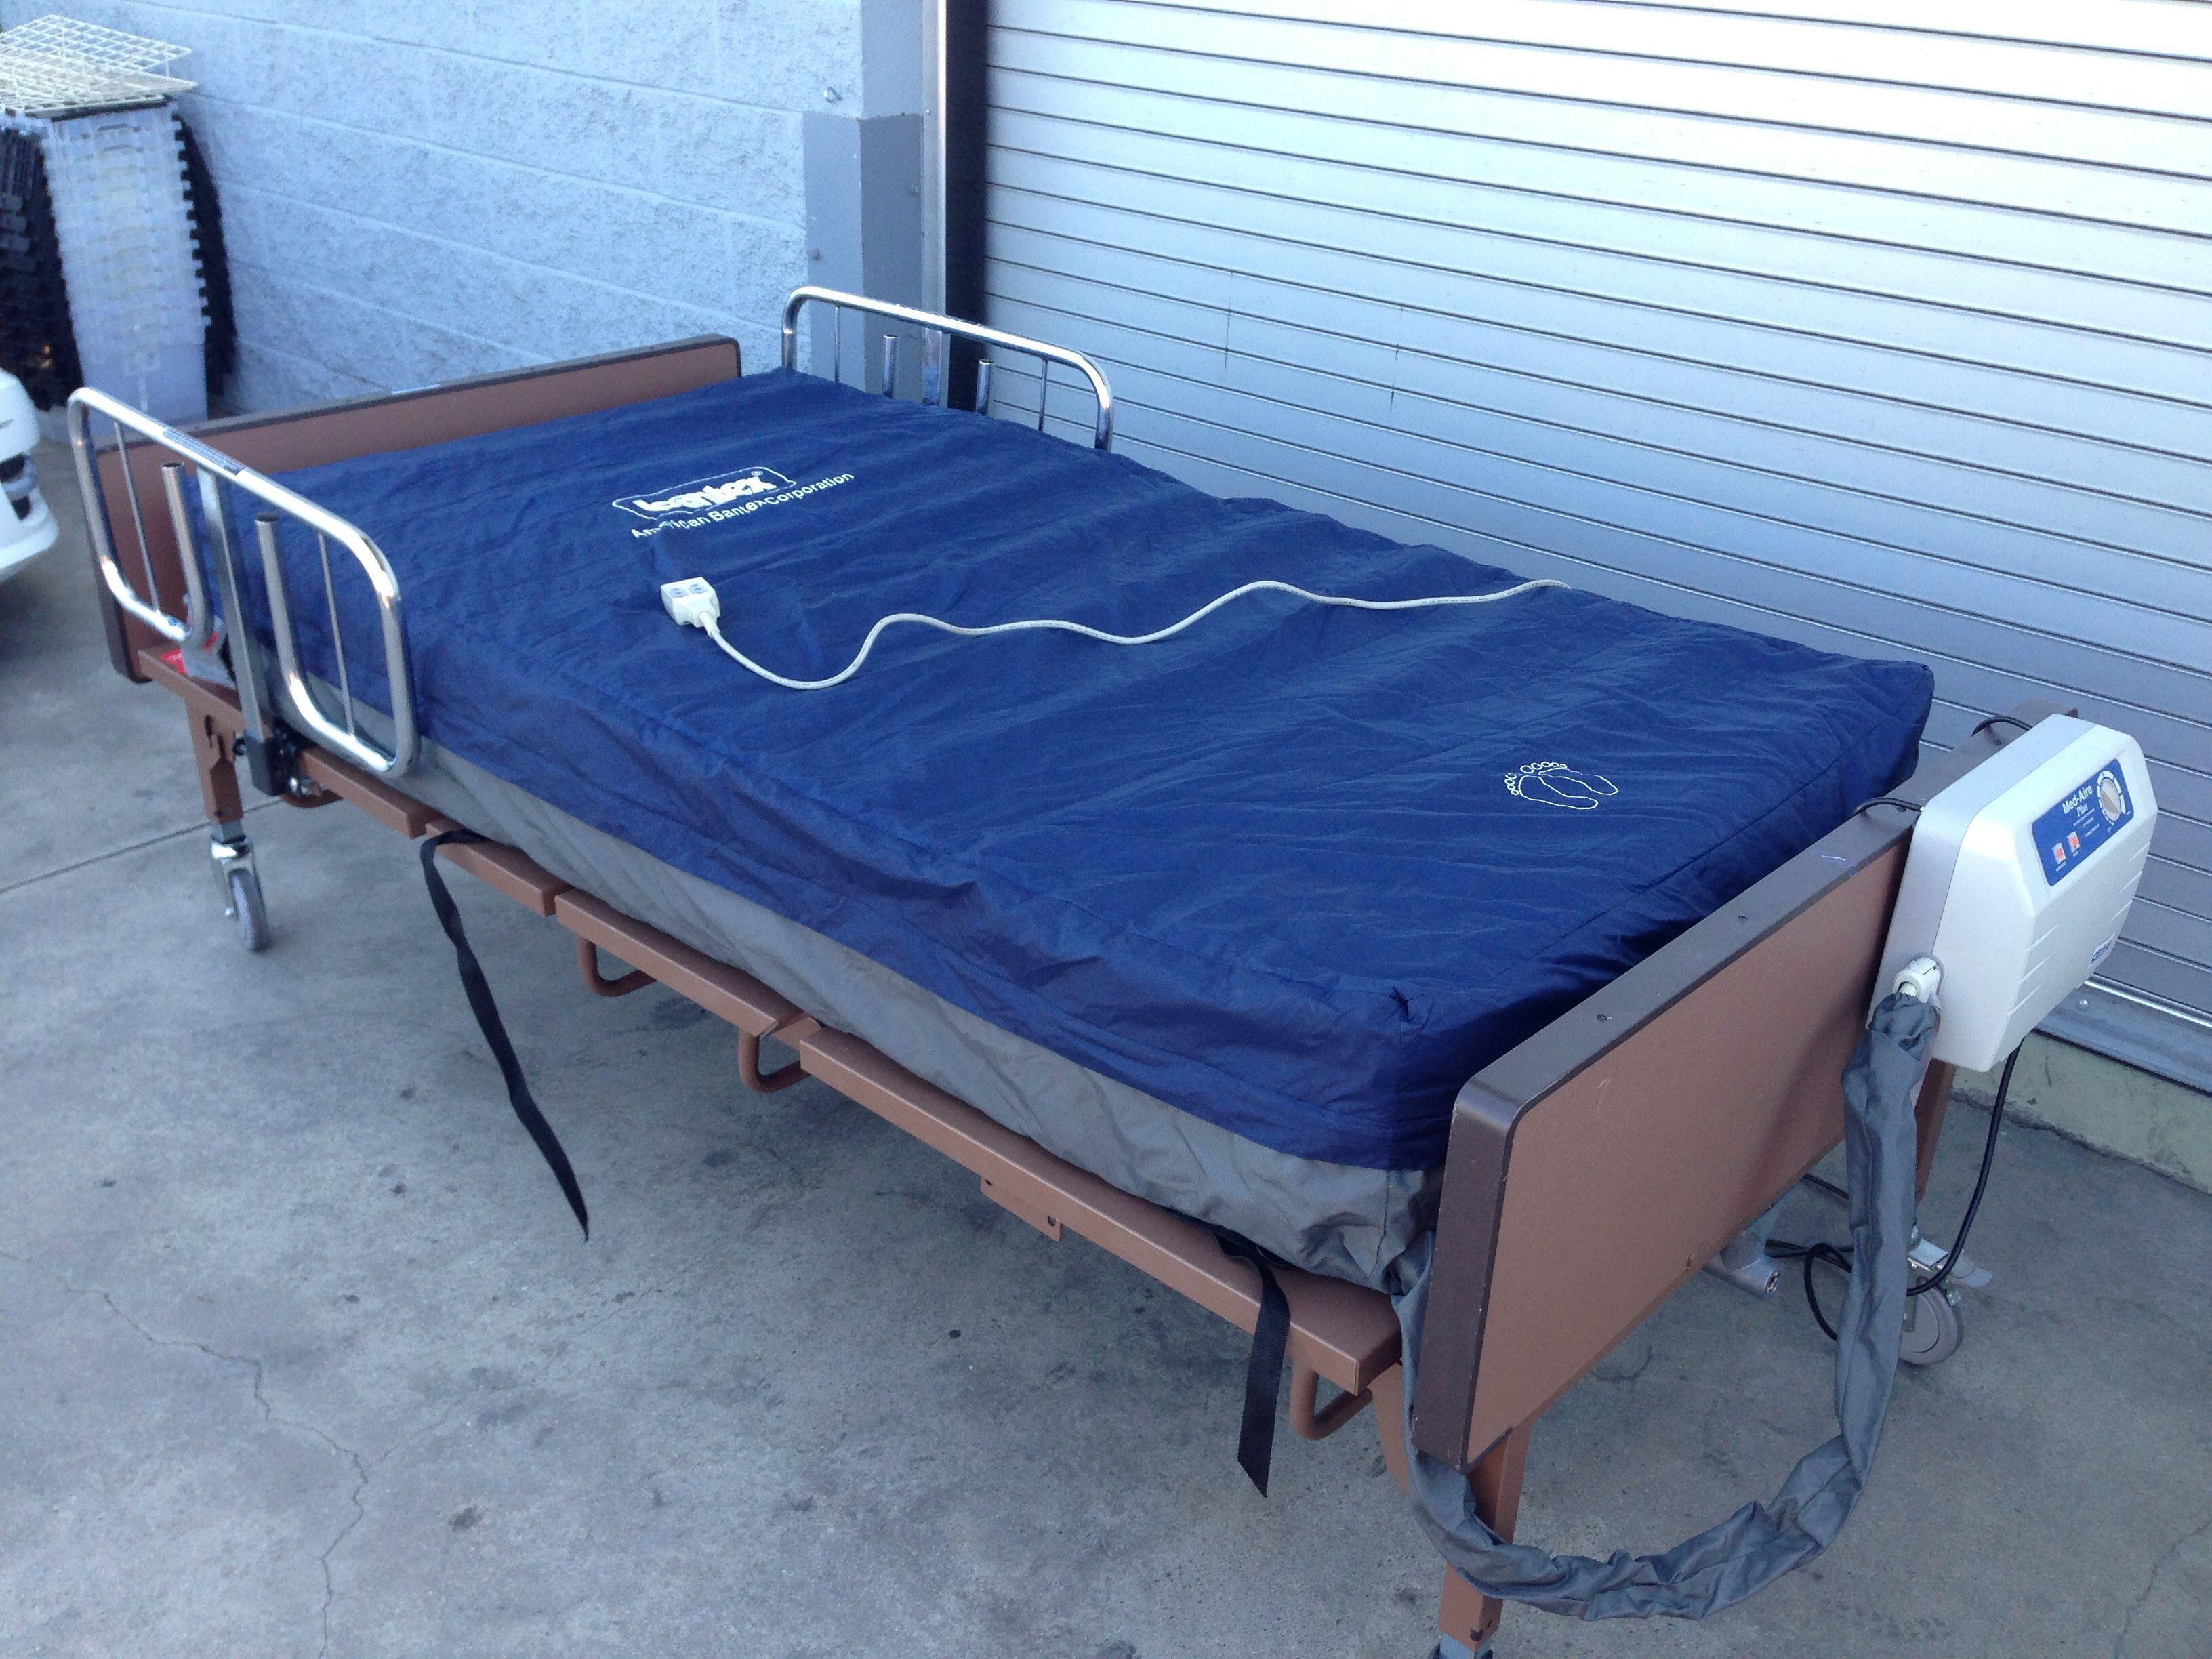 Medline MDR107004 Full bed, Hospital bed, Bed